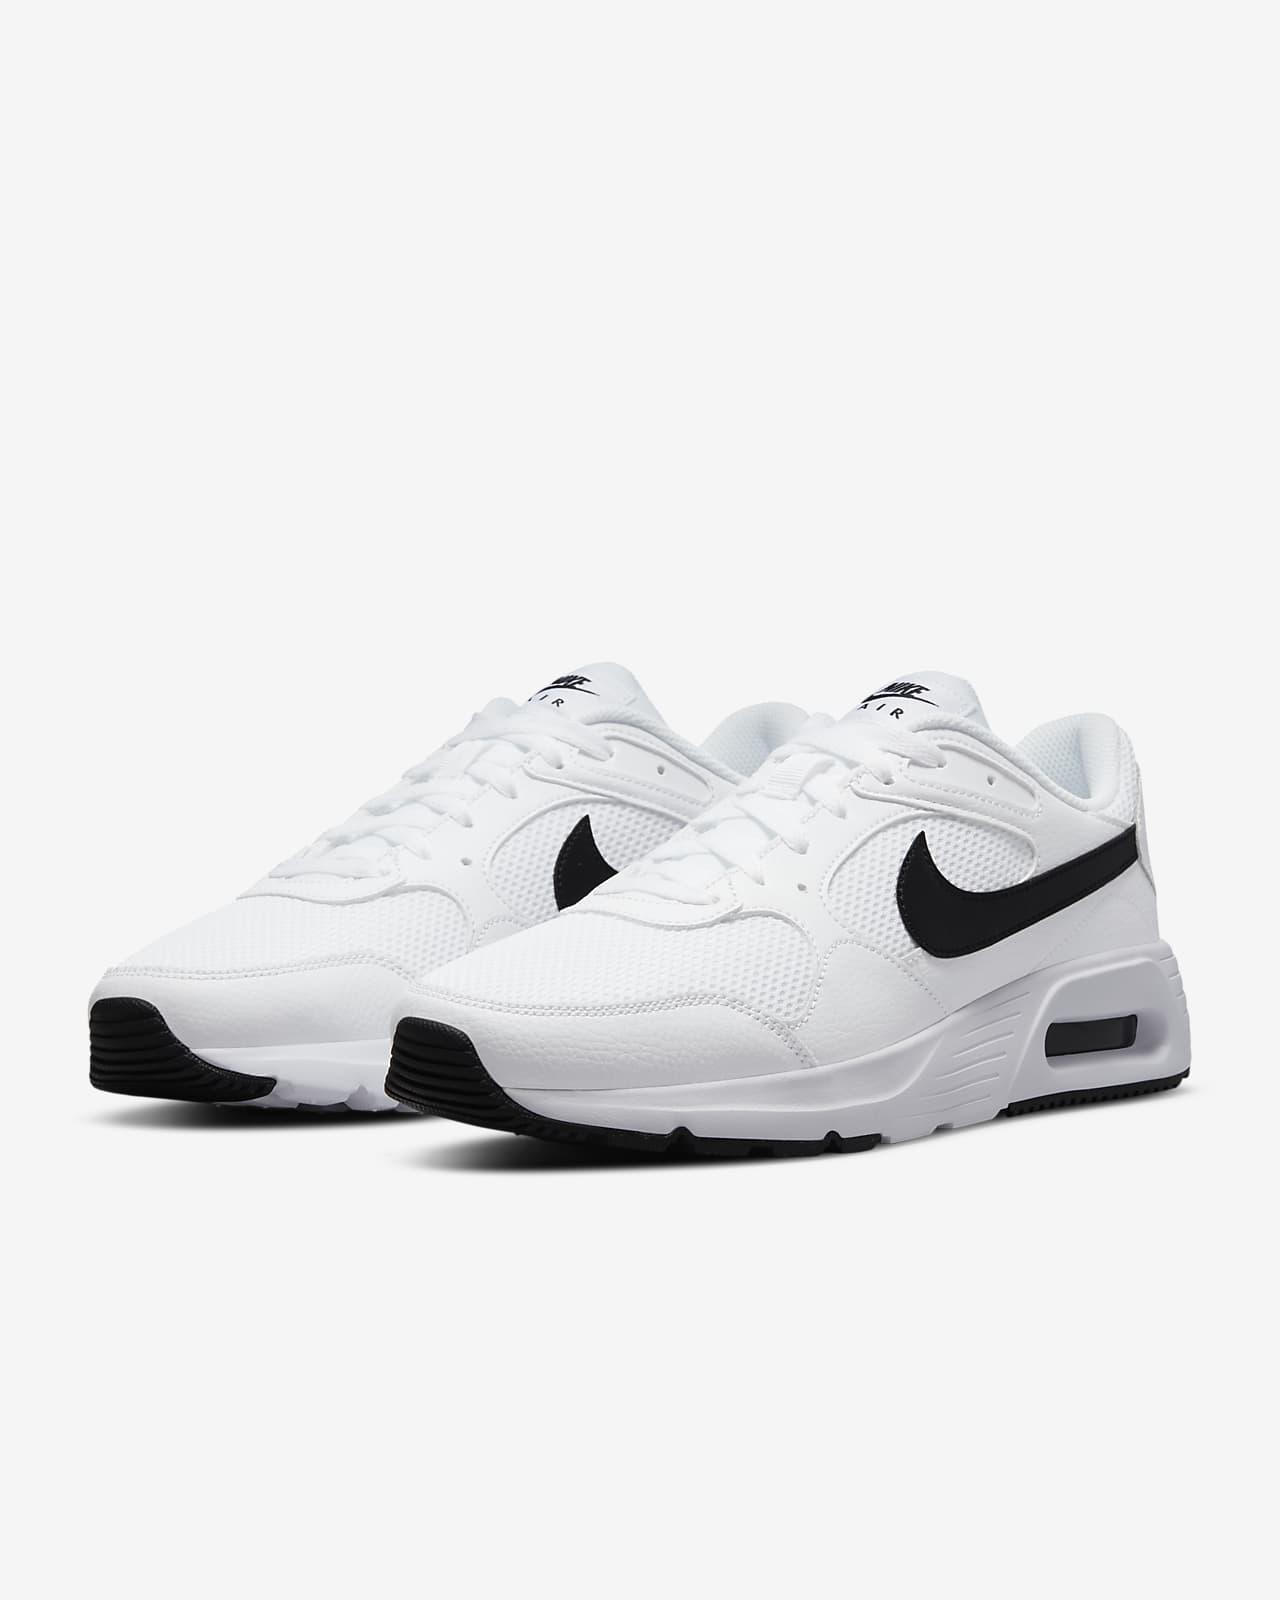 Nike Air Max SC Men's Shoe. Nike LU